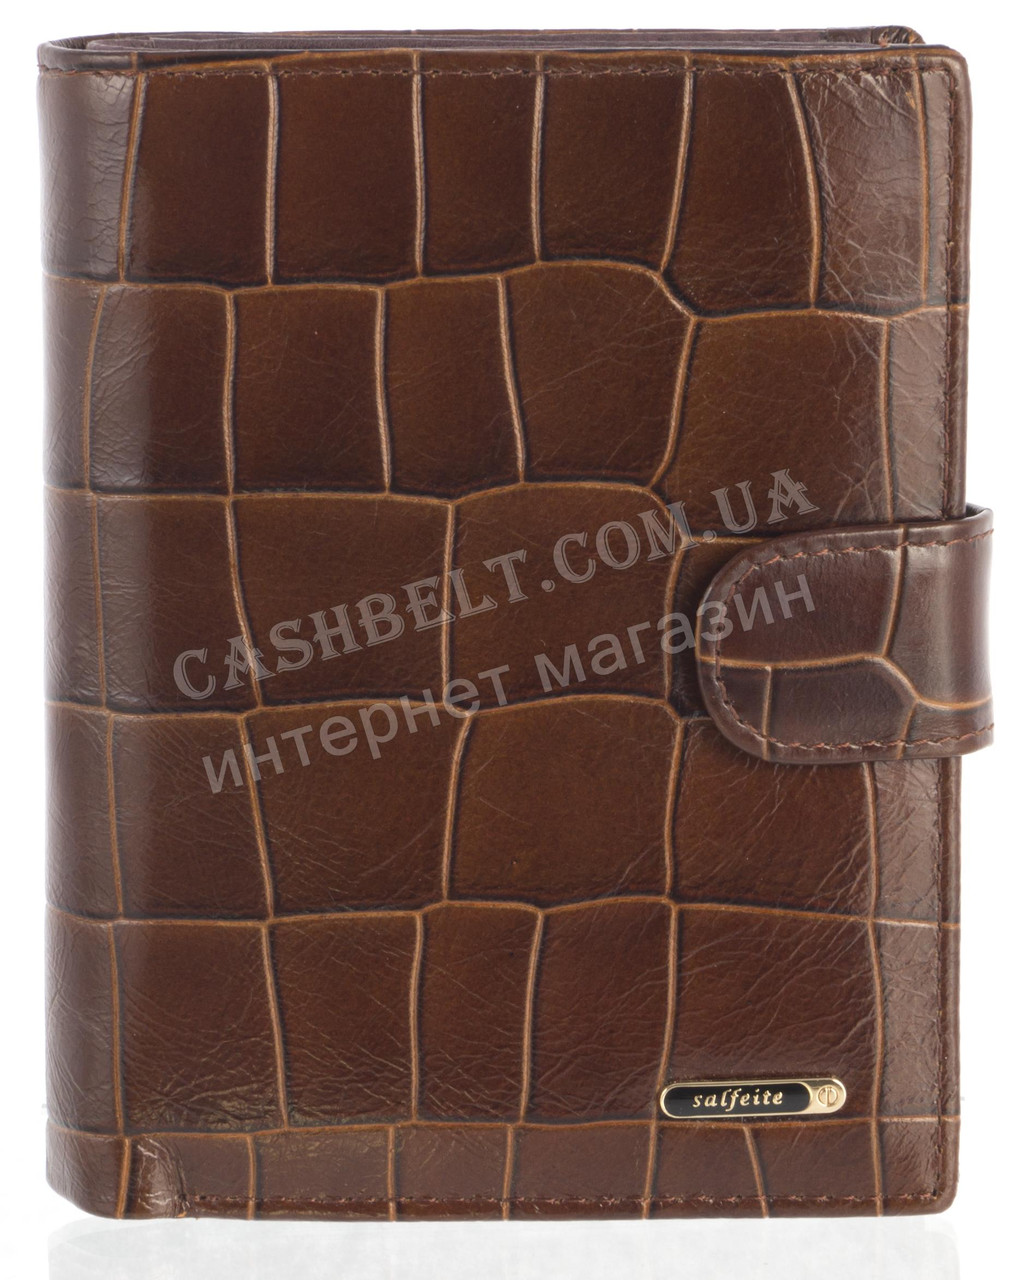 Мужской стильный классический бумажник портмоне с натуральной кожи под крокодила SALFEITE art. 2310T-F17 корич